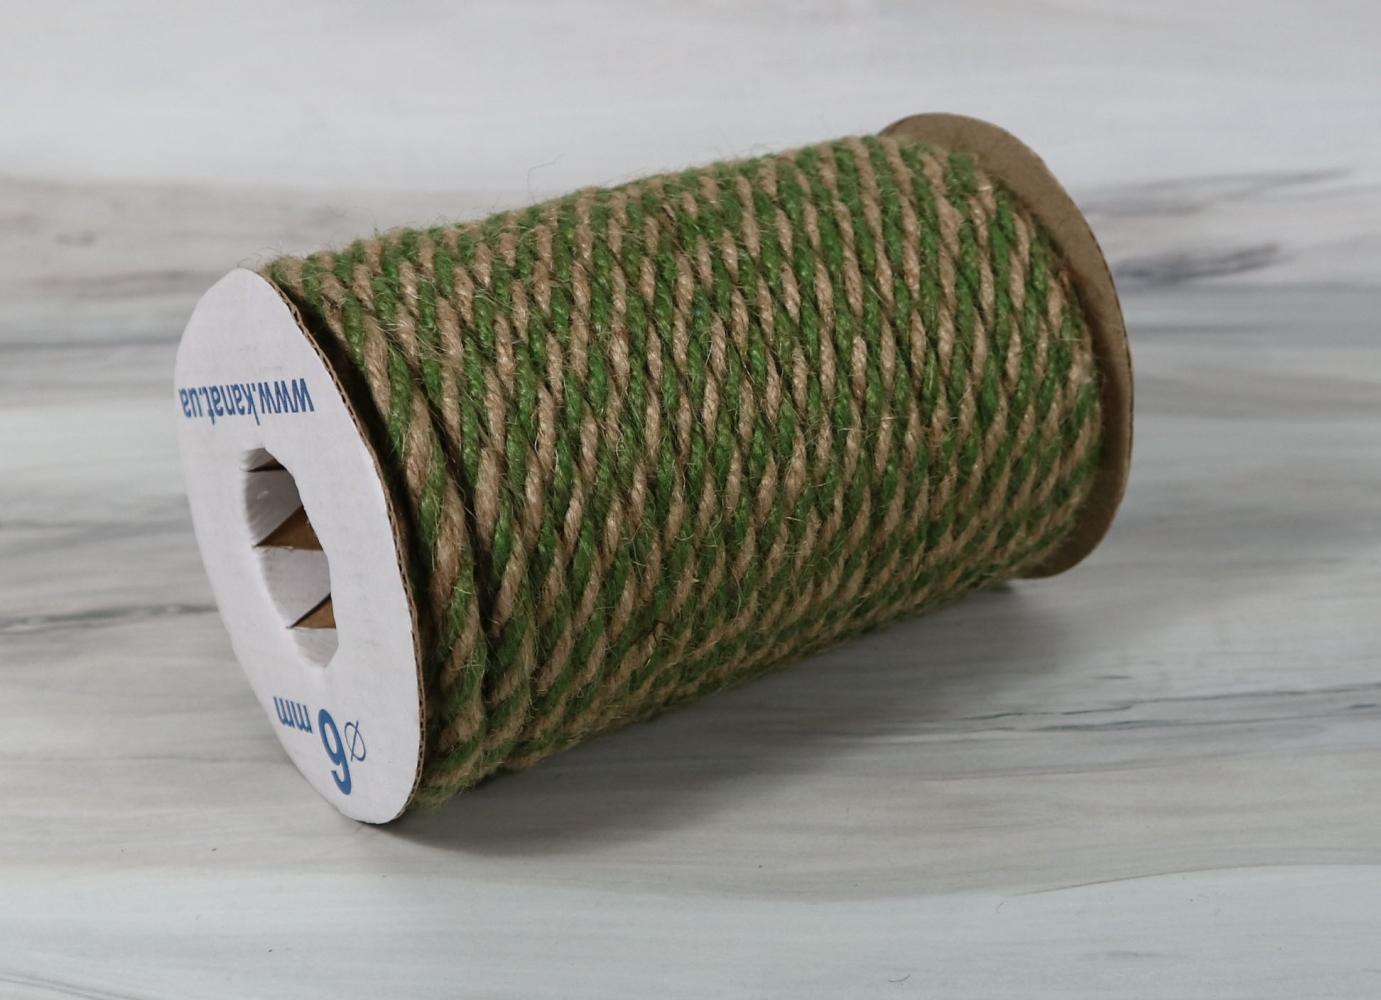 Jute rope natural-green, diameter 6mm, step of color 1+1+1+1, 25 meters - 1